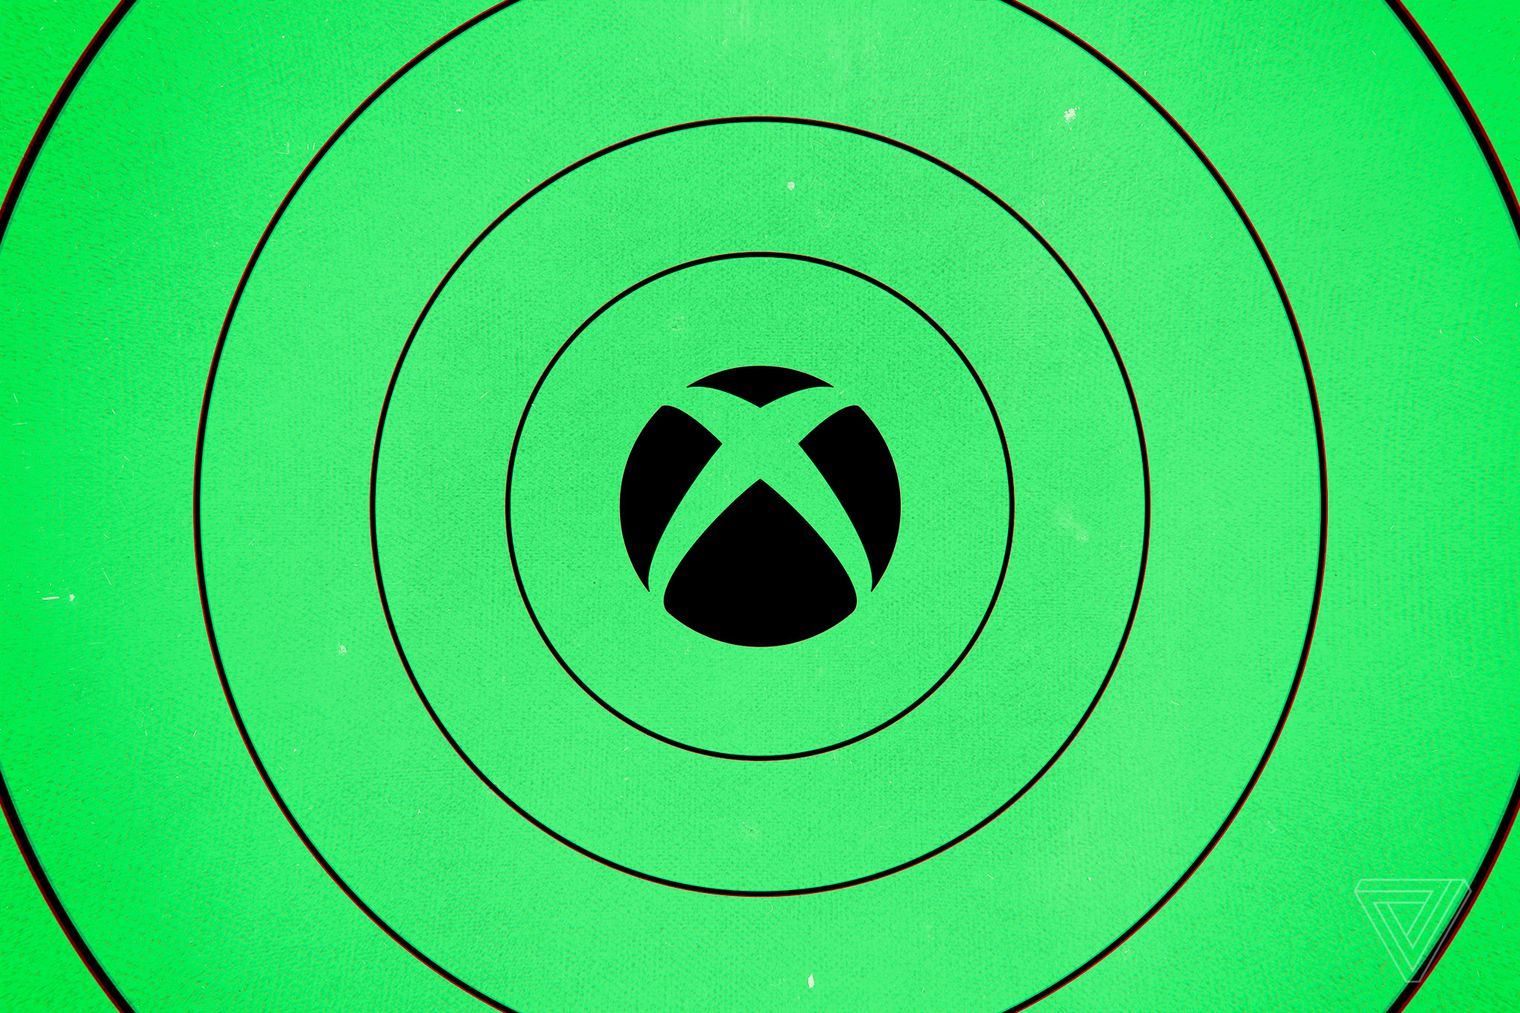 Il prossimo mese saranno annunciati nuovi hardware Xbox?